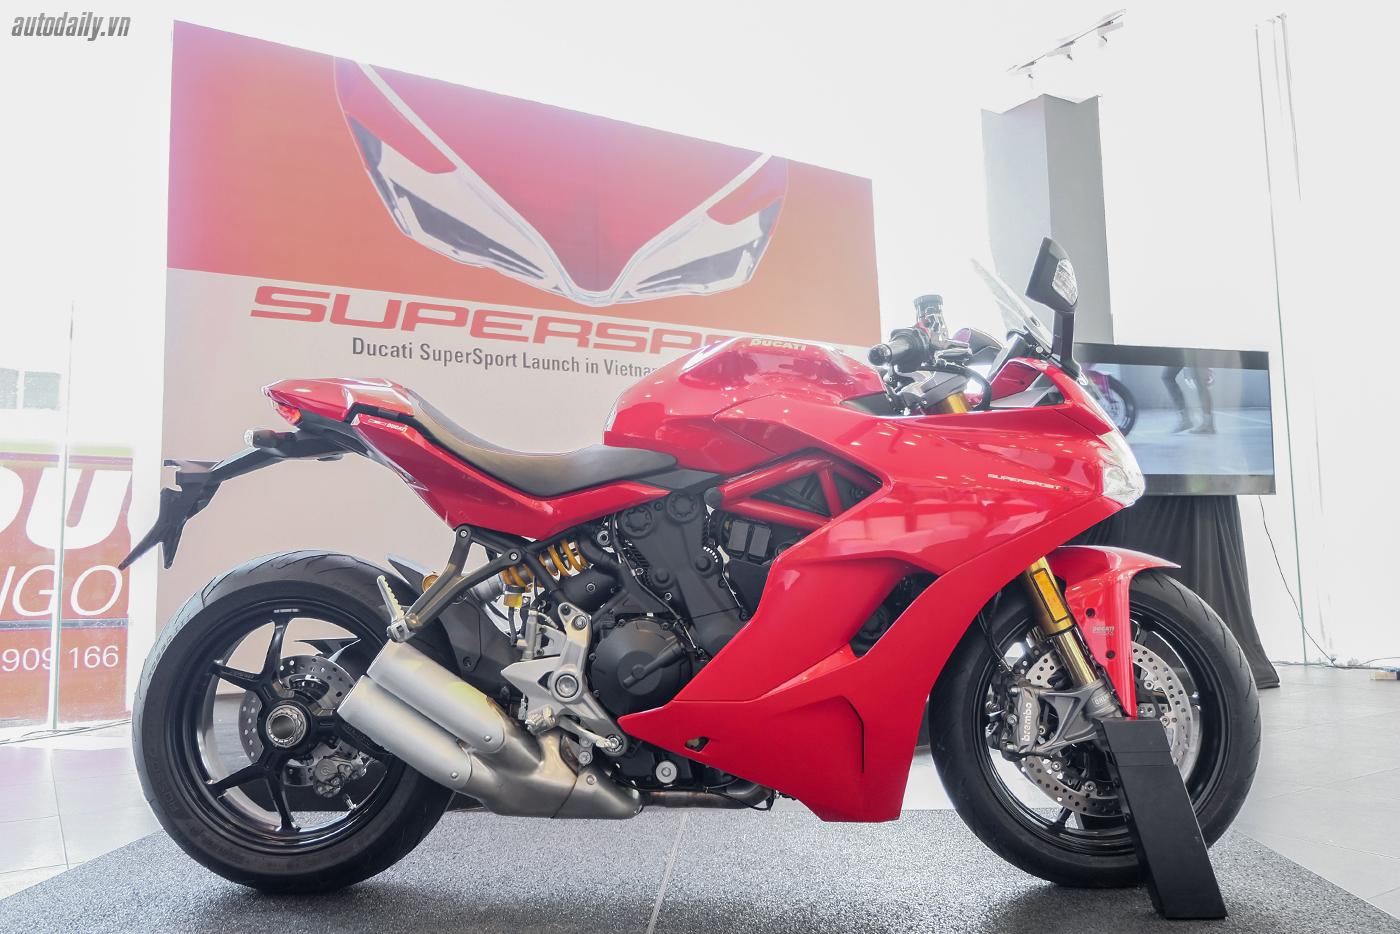 ducati-supersport-s-4.jpg